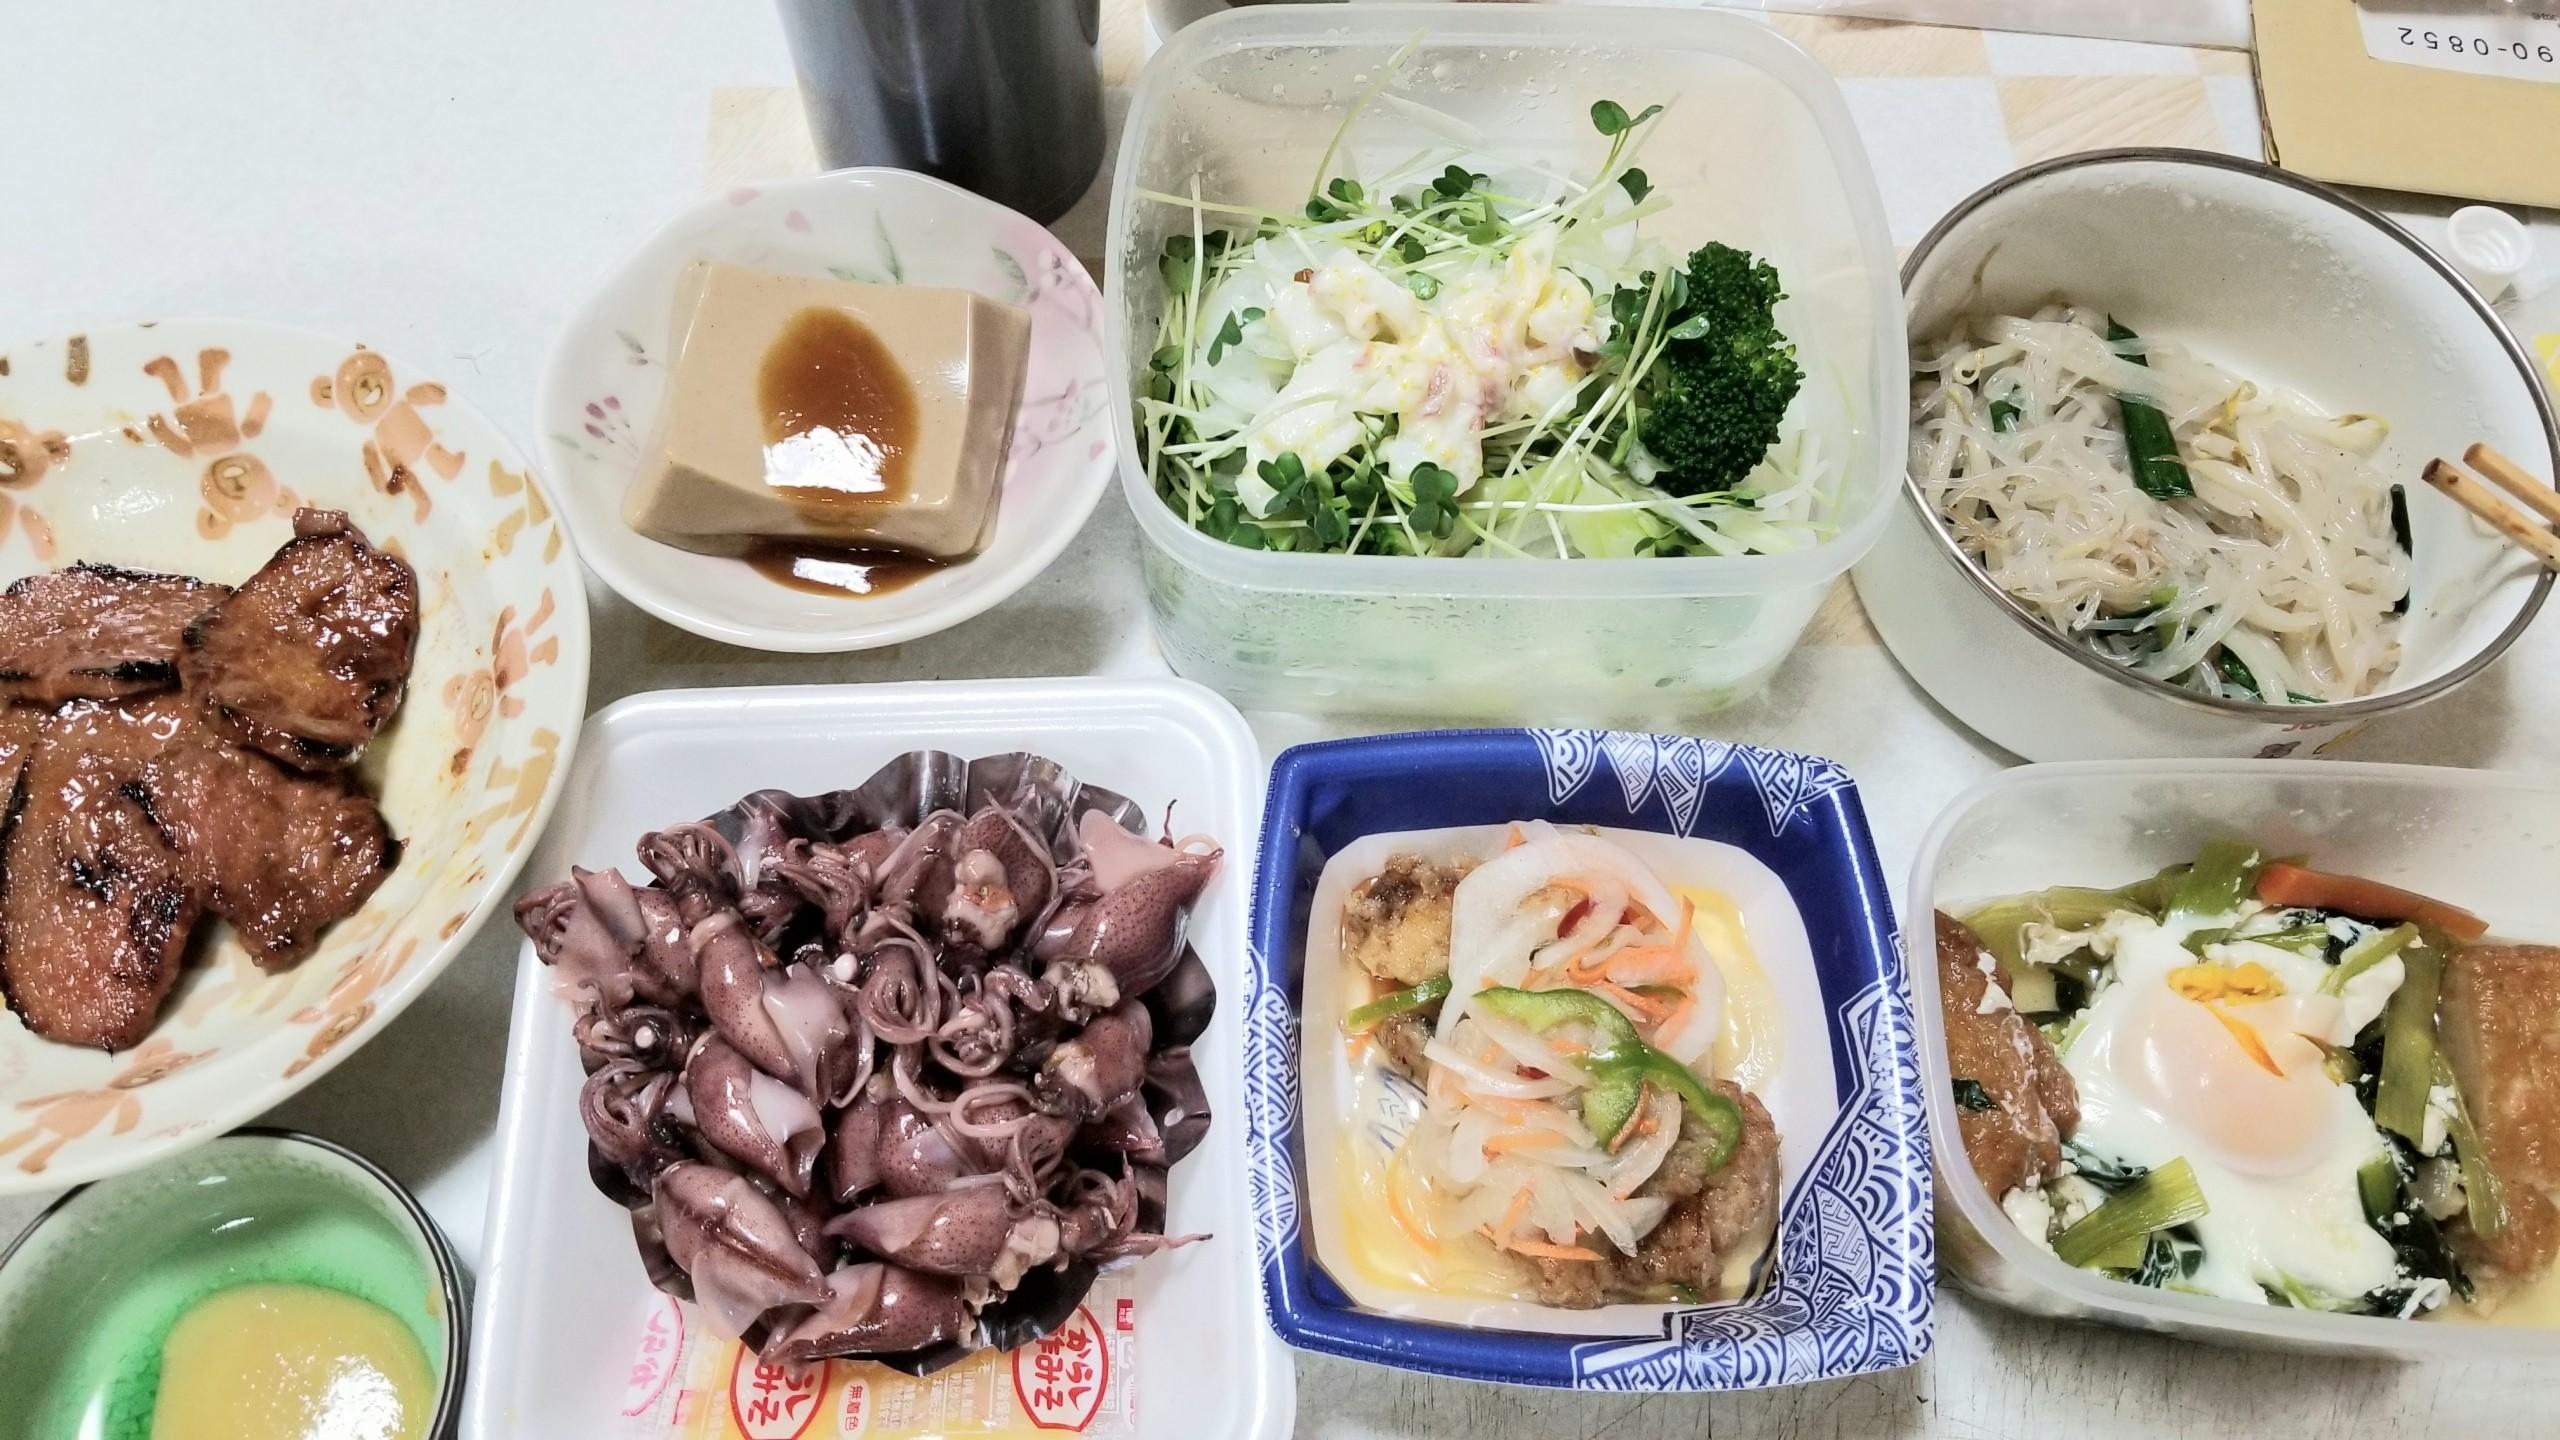 おばのおいしい手料理線維筋痛症の生活患者症状痛い食事お惣菜